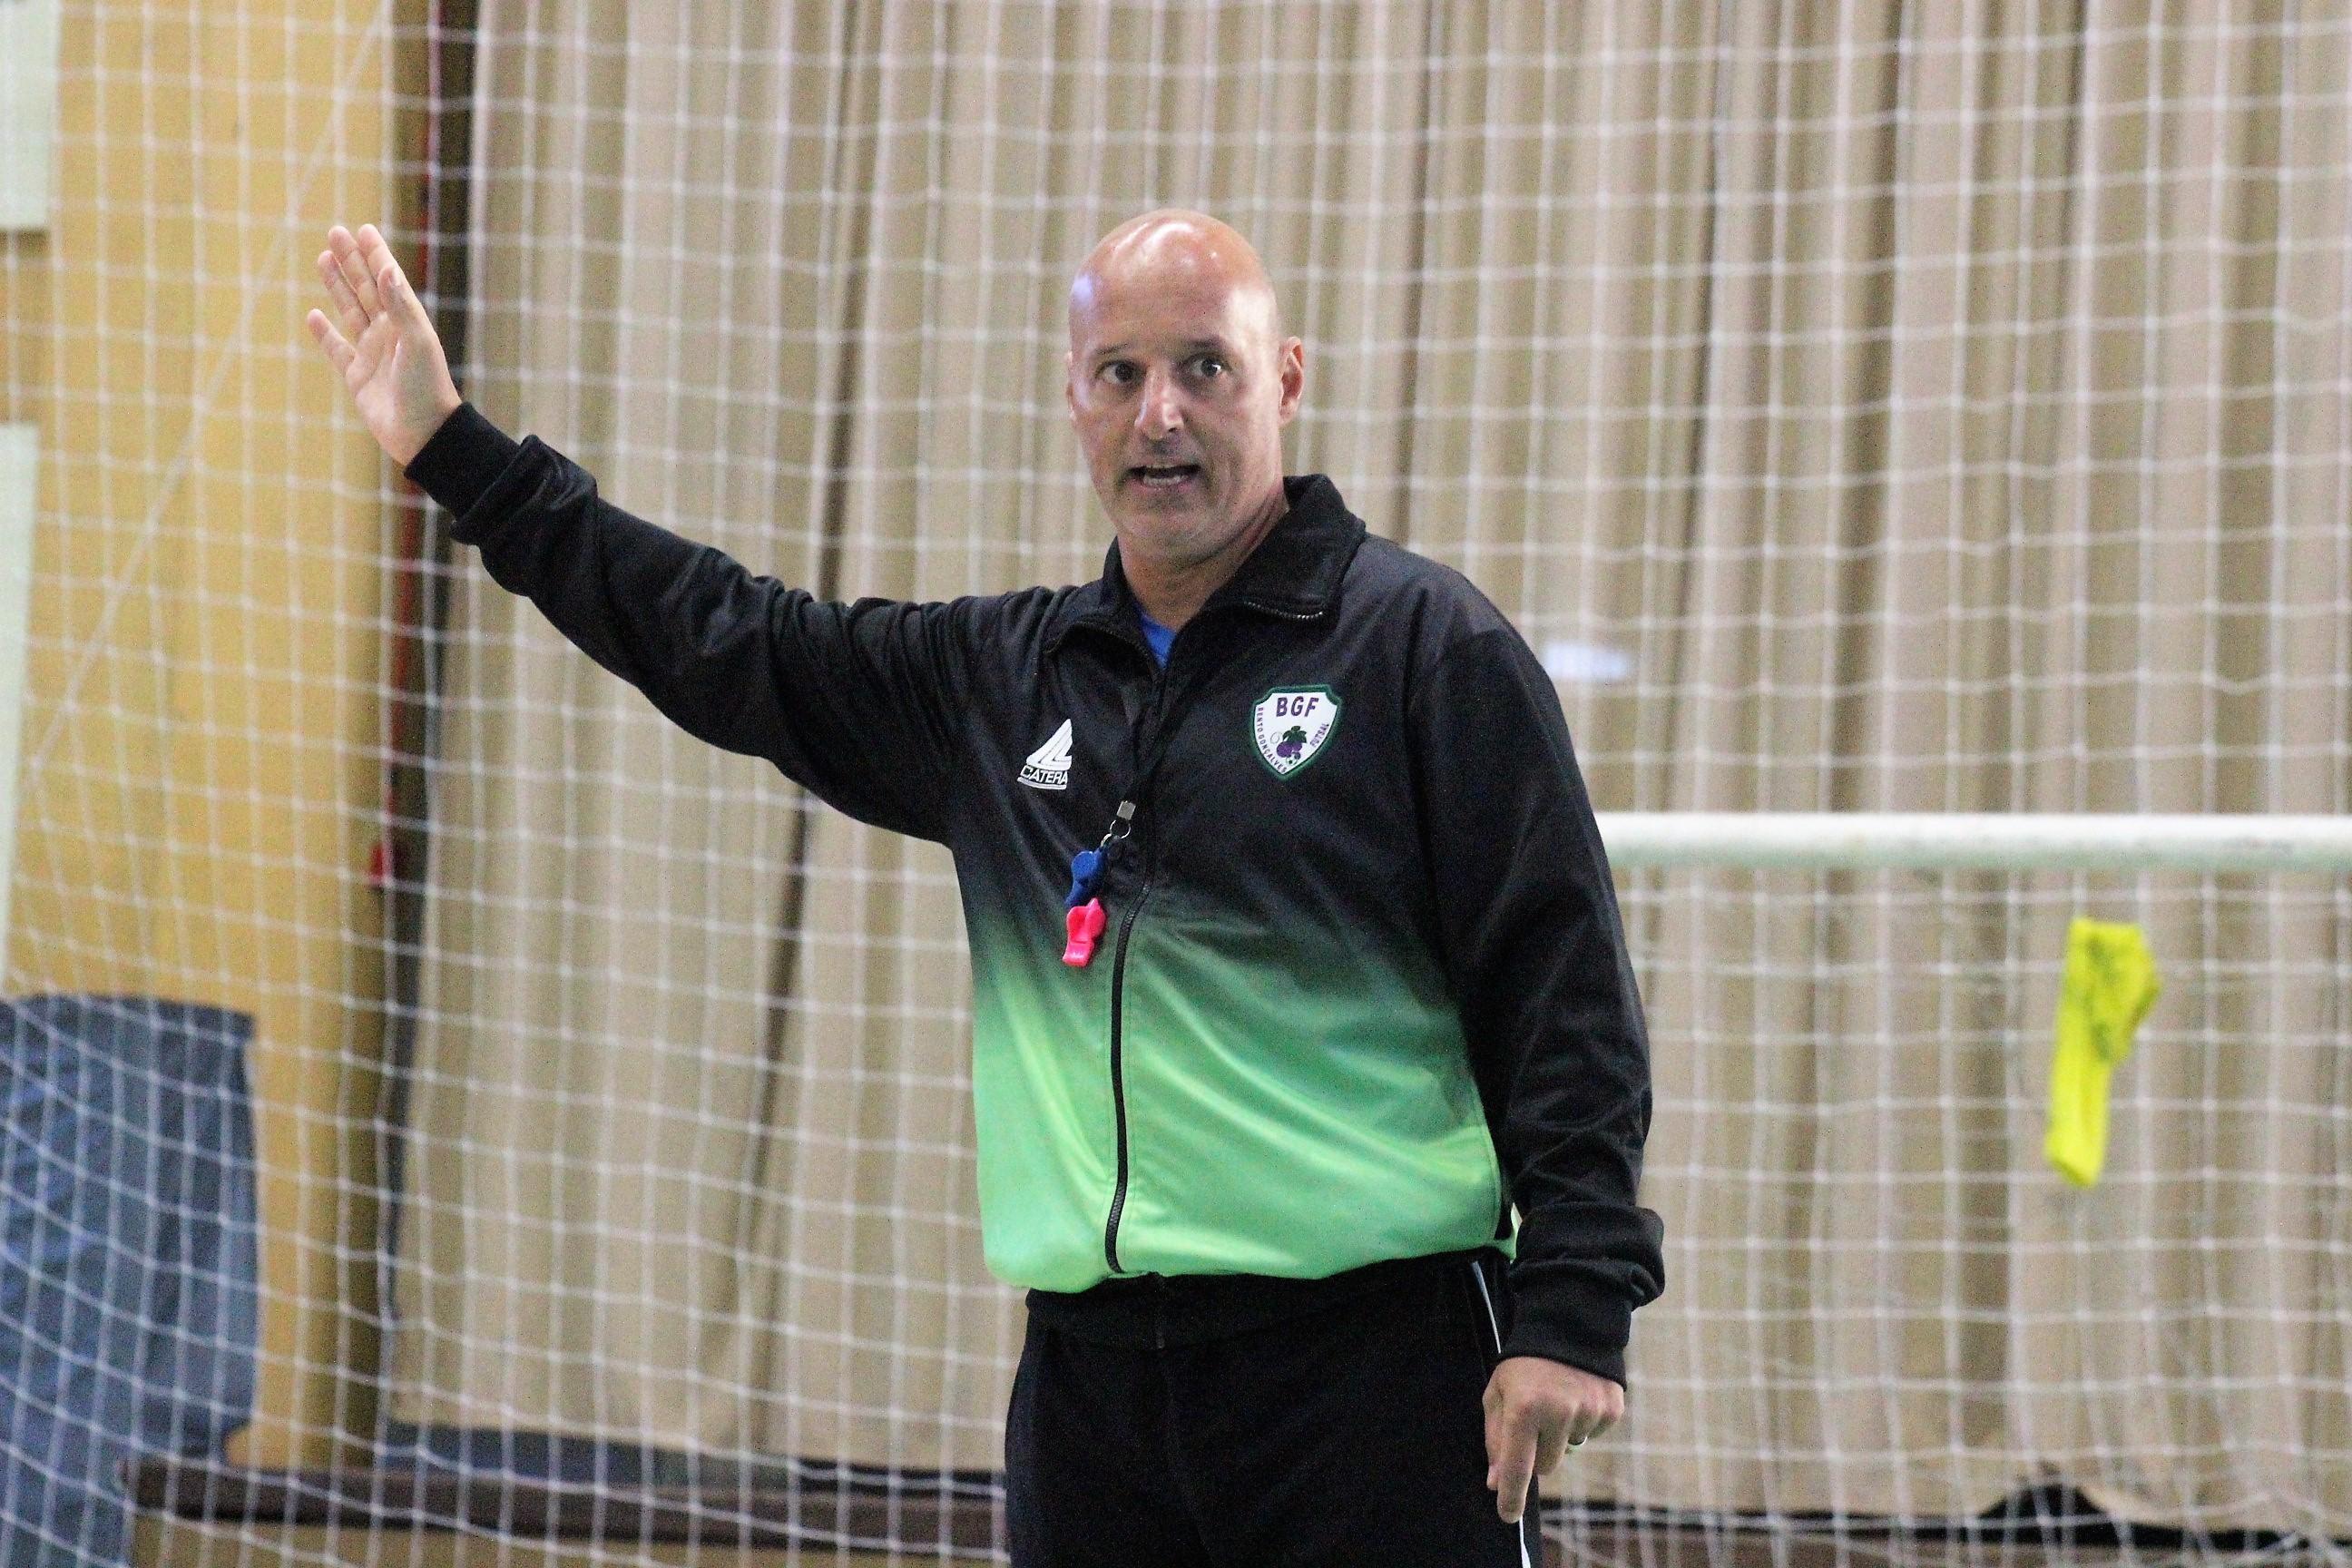 """""""BGF segue na FGFS, pois o clube pensa em disputar competições nacionais"""" diz técnico"""